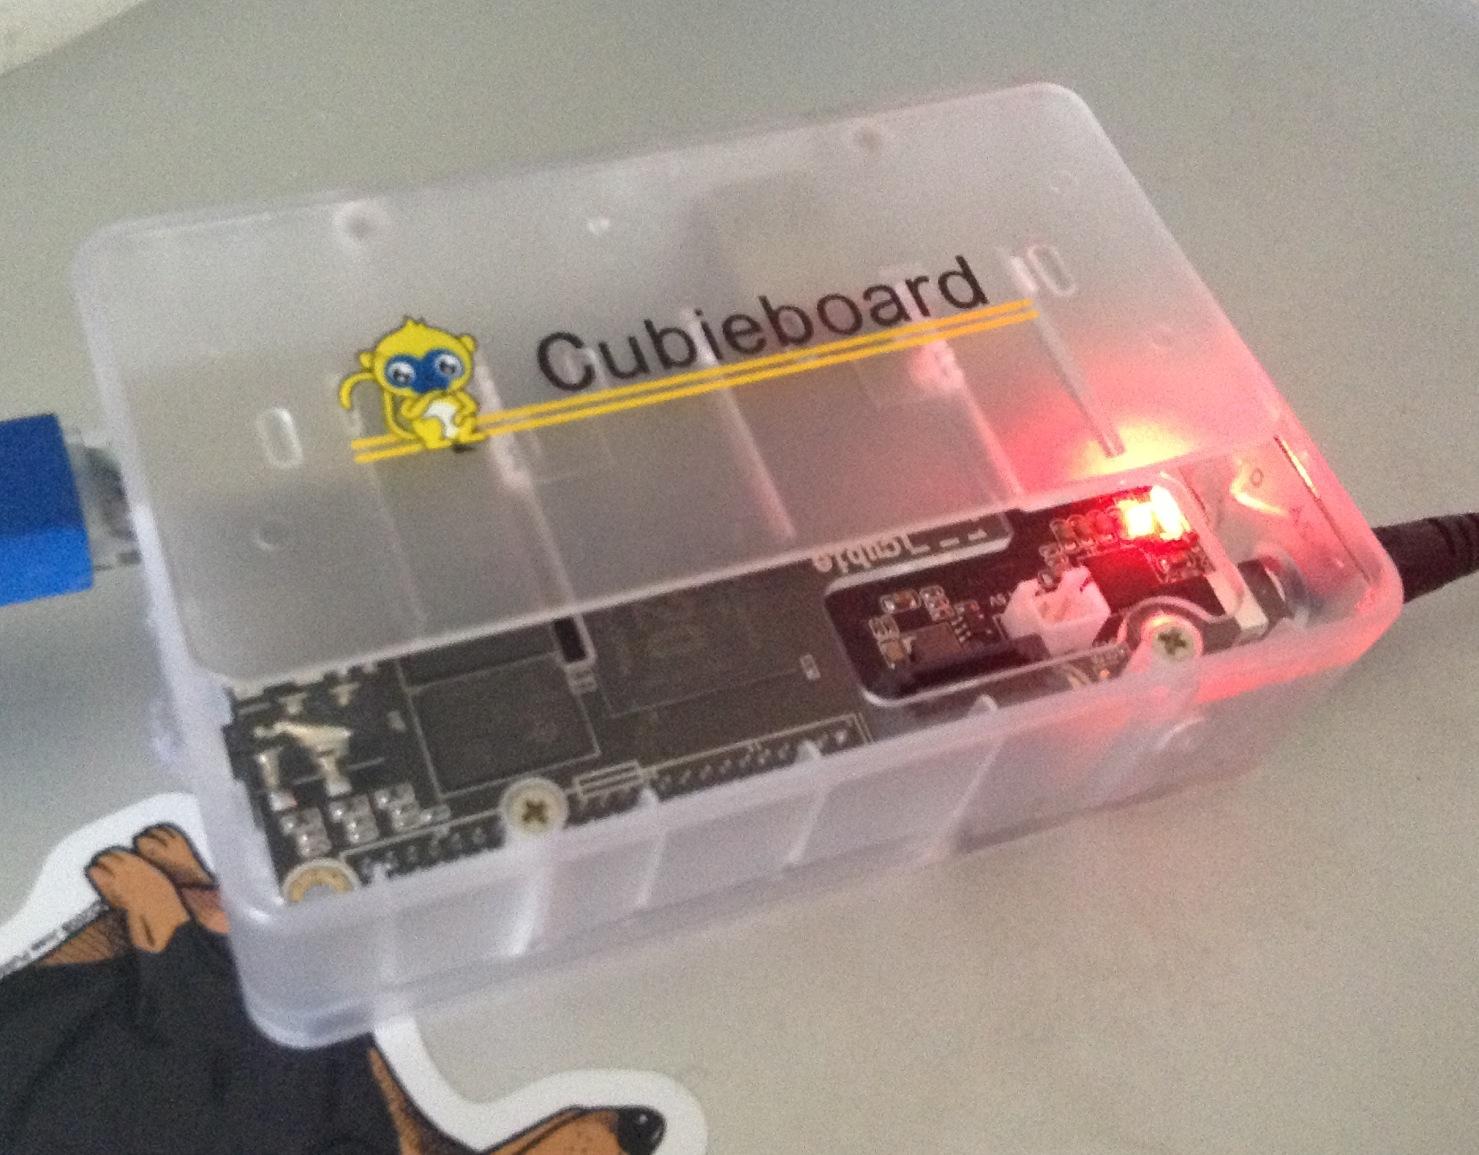 Cubieboard 2